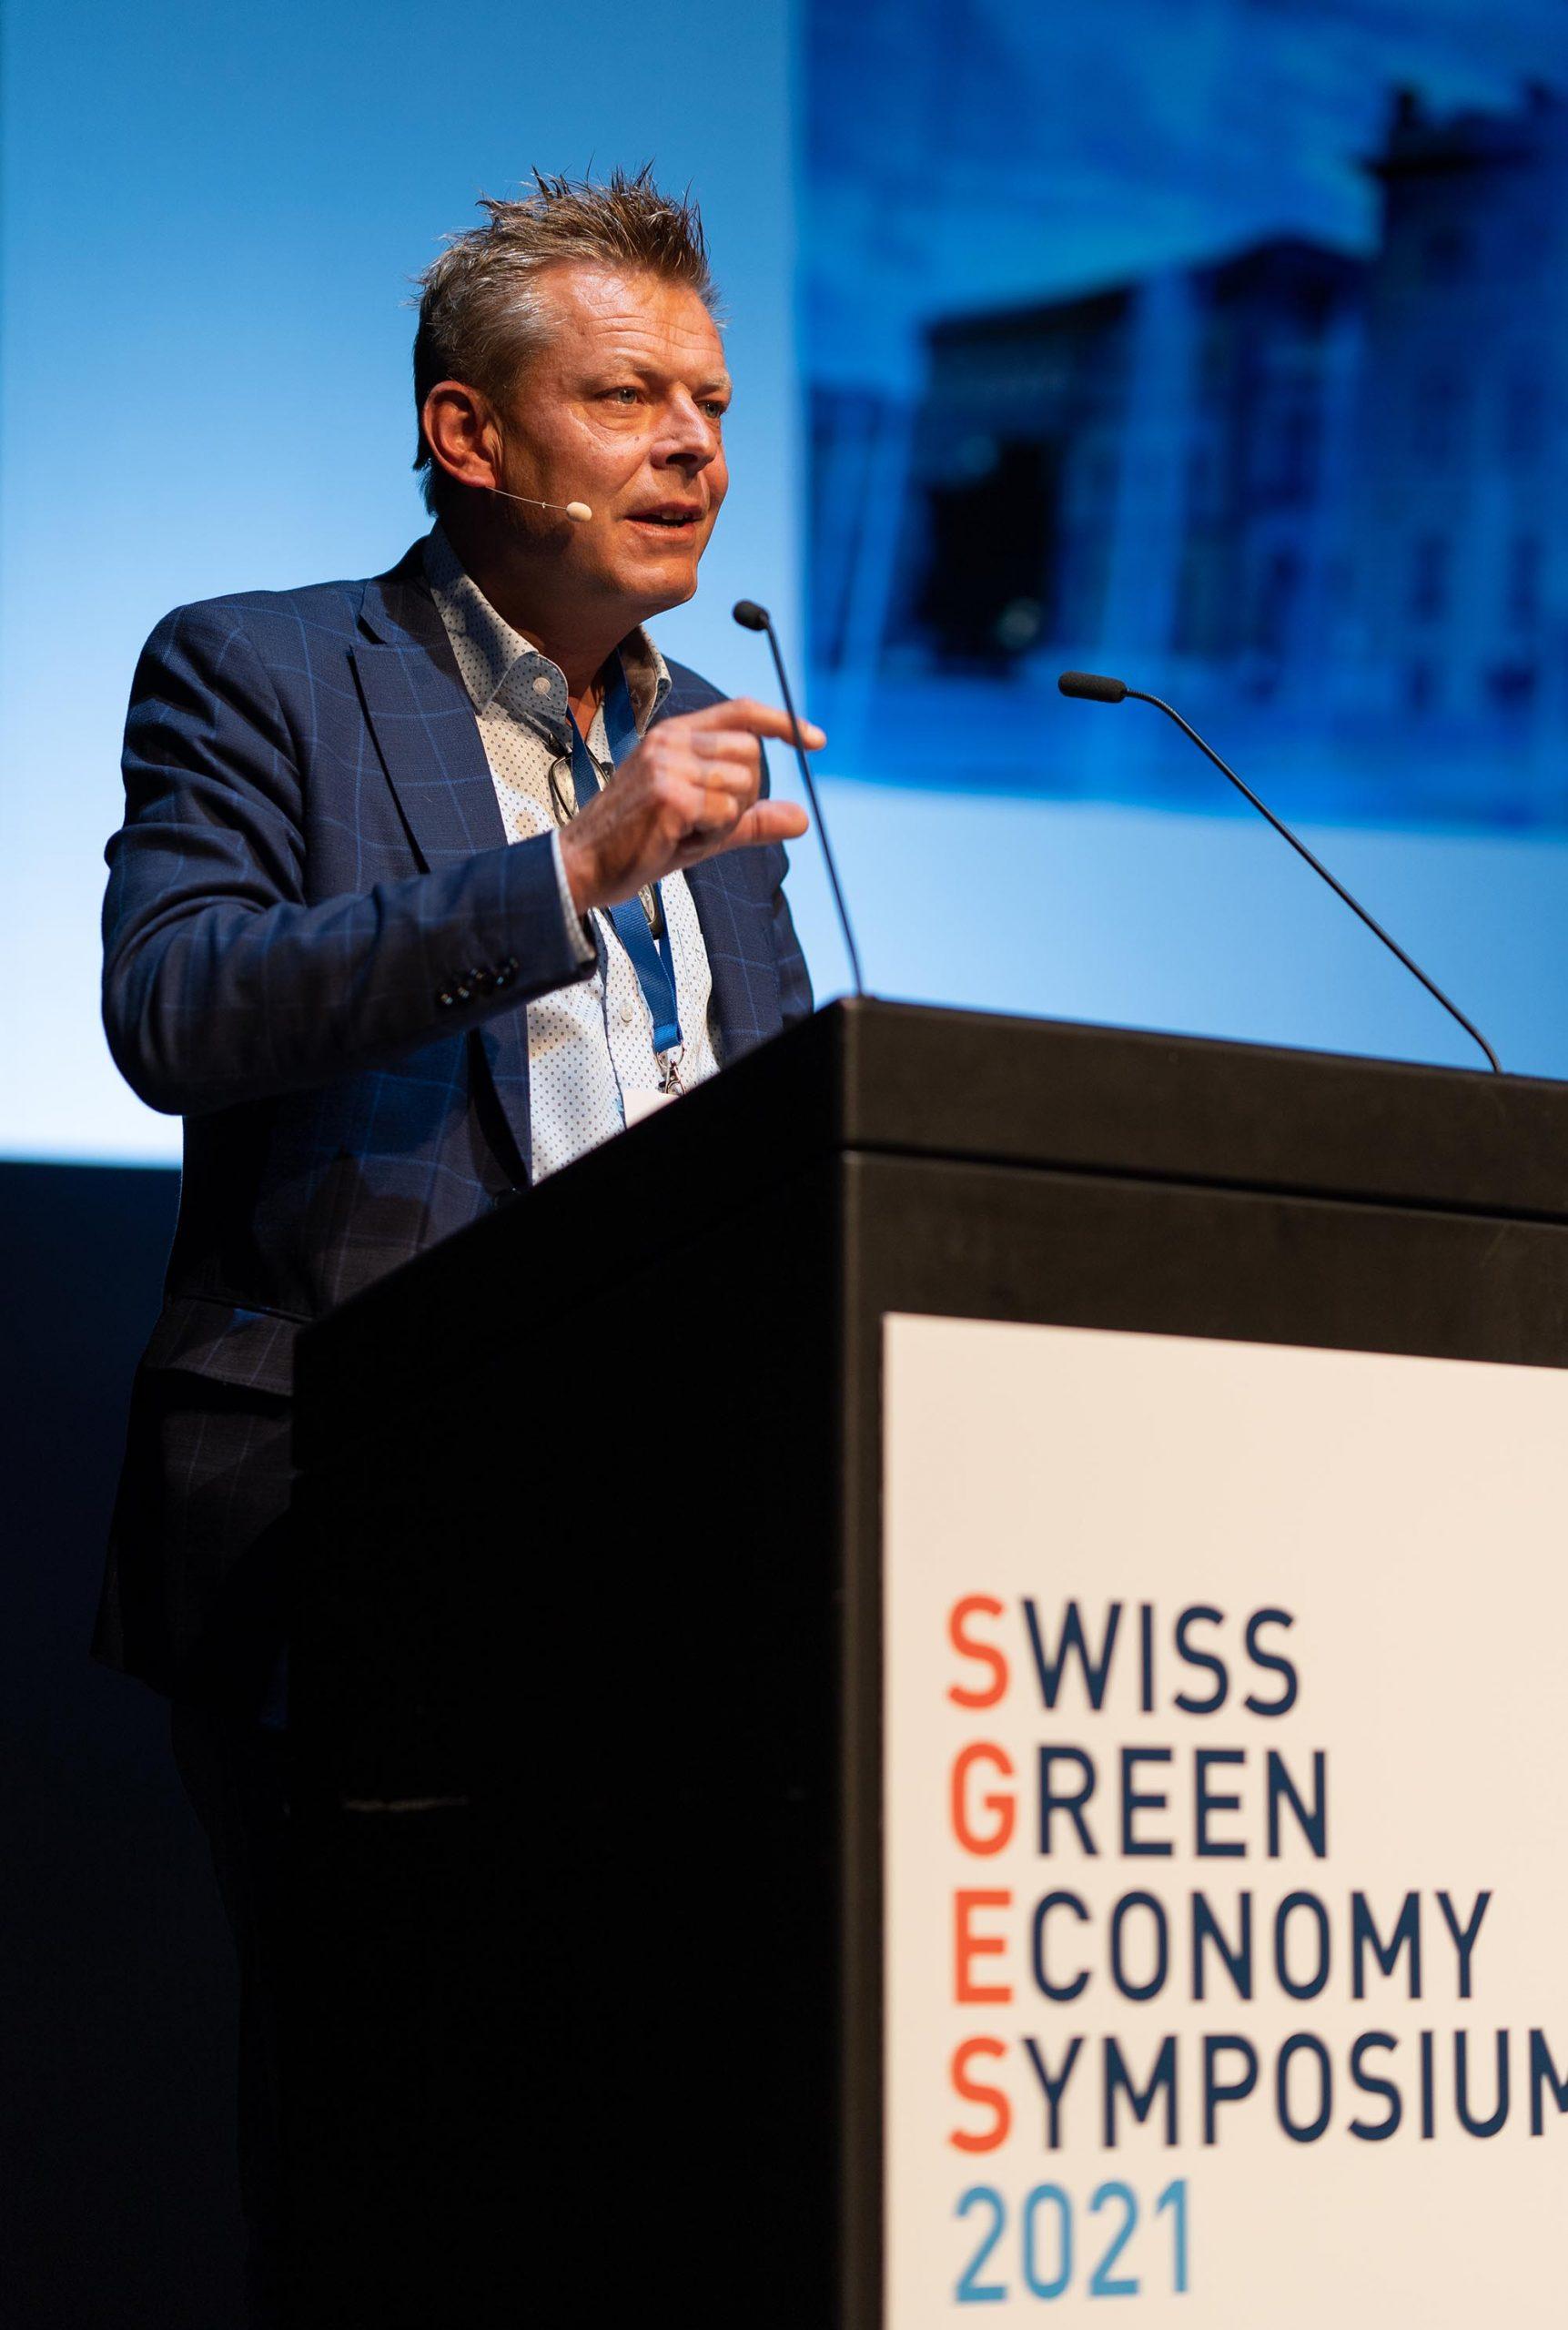 SGES Keynote: Reto Nause, Vize-Stadtpräsident und Direktor für Sicherheit, Umwelt und Energie, Stadt Bern